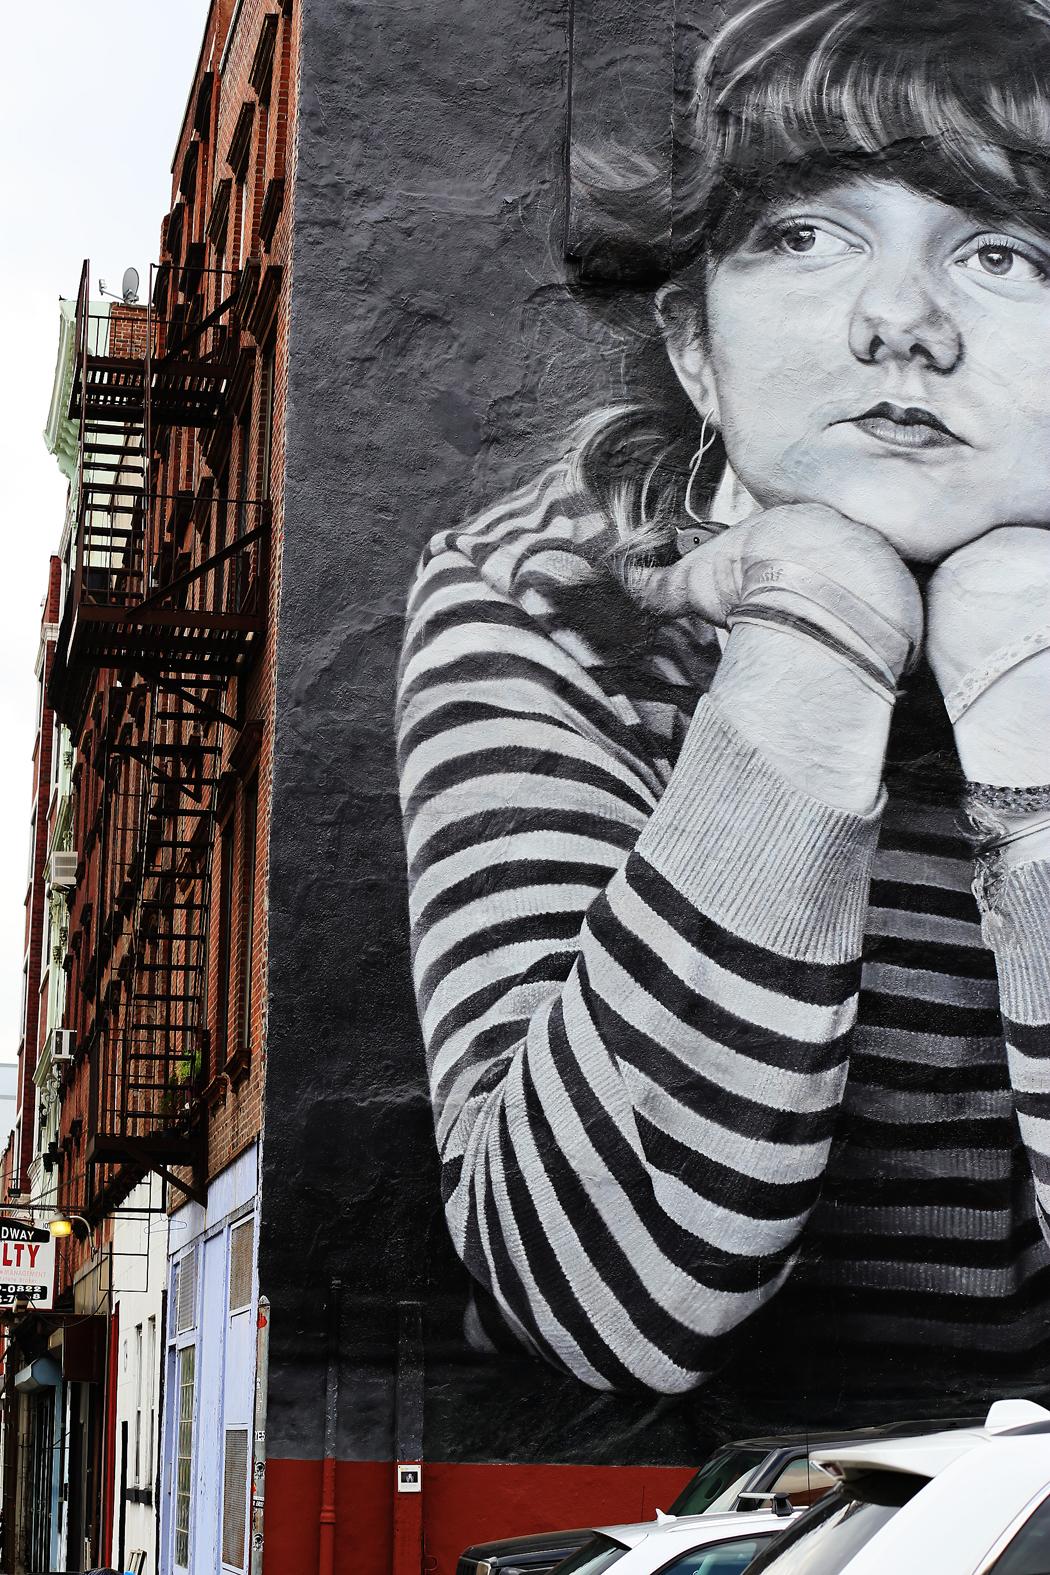 En muralmålning i form av en ung tjej. Man undrar över bakgrunden - någon som vet?